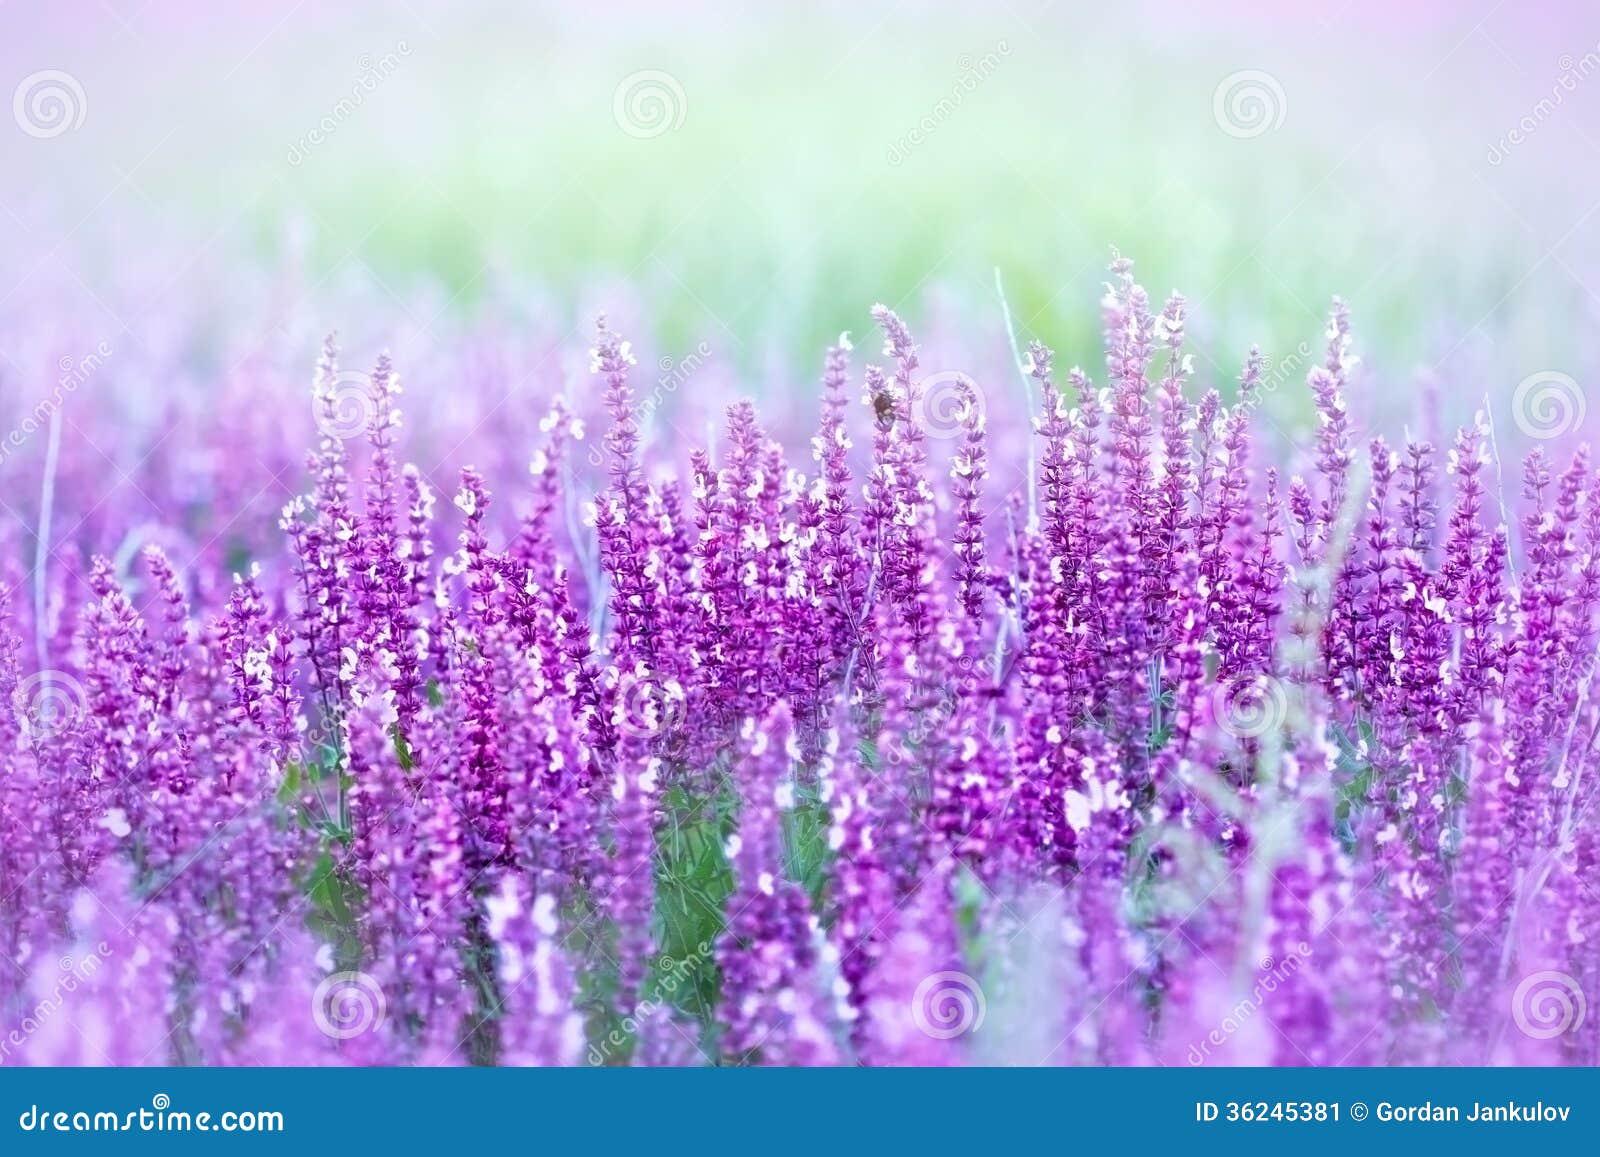 Wild meadow flowers - purple flowers.